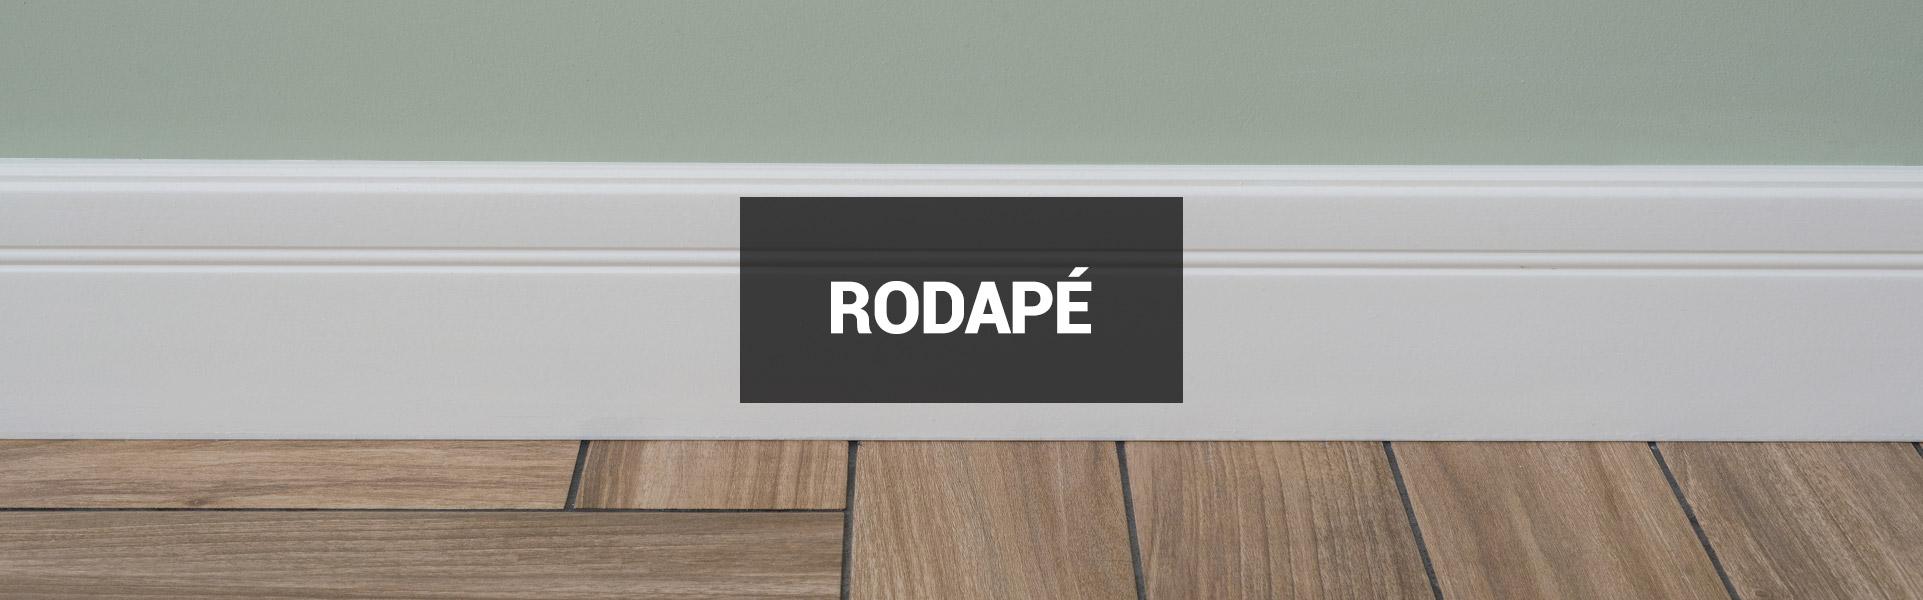 Rodapé